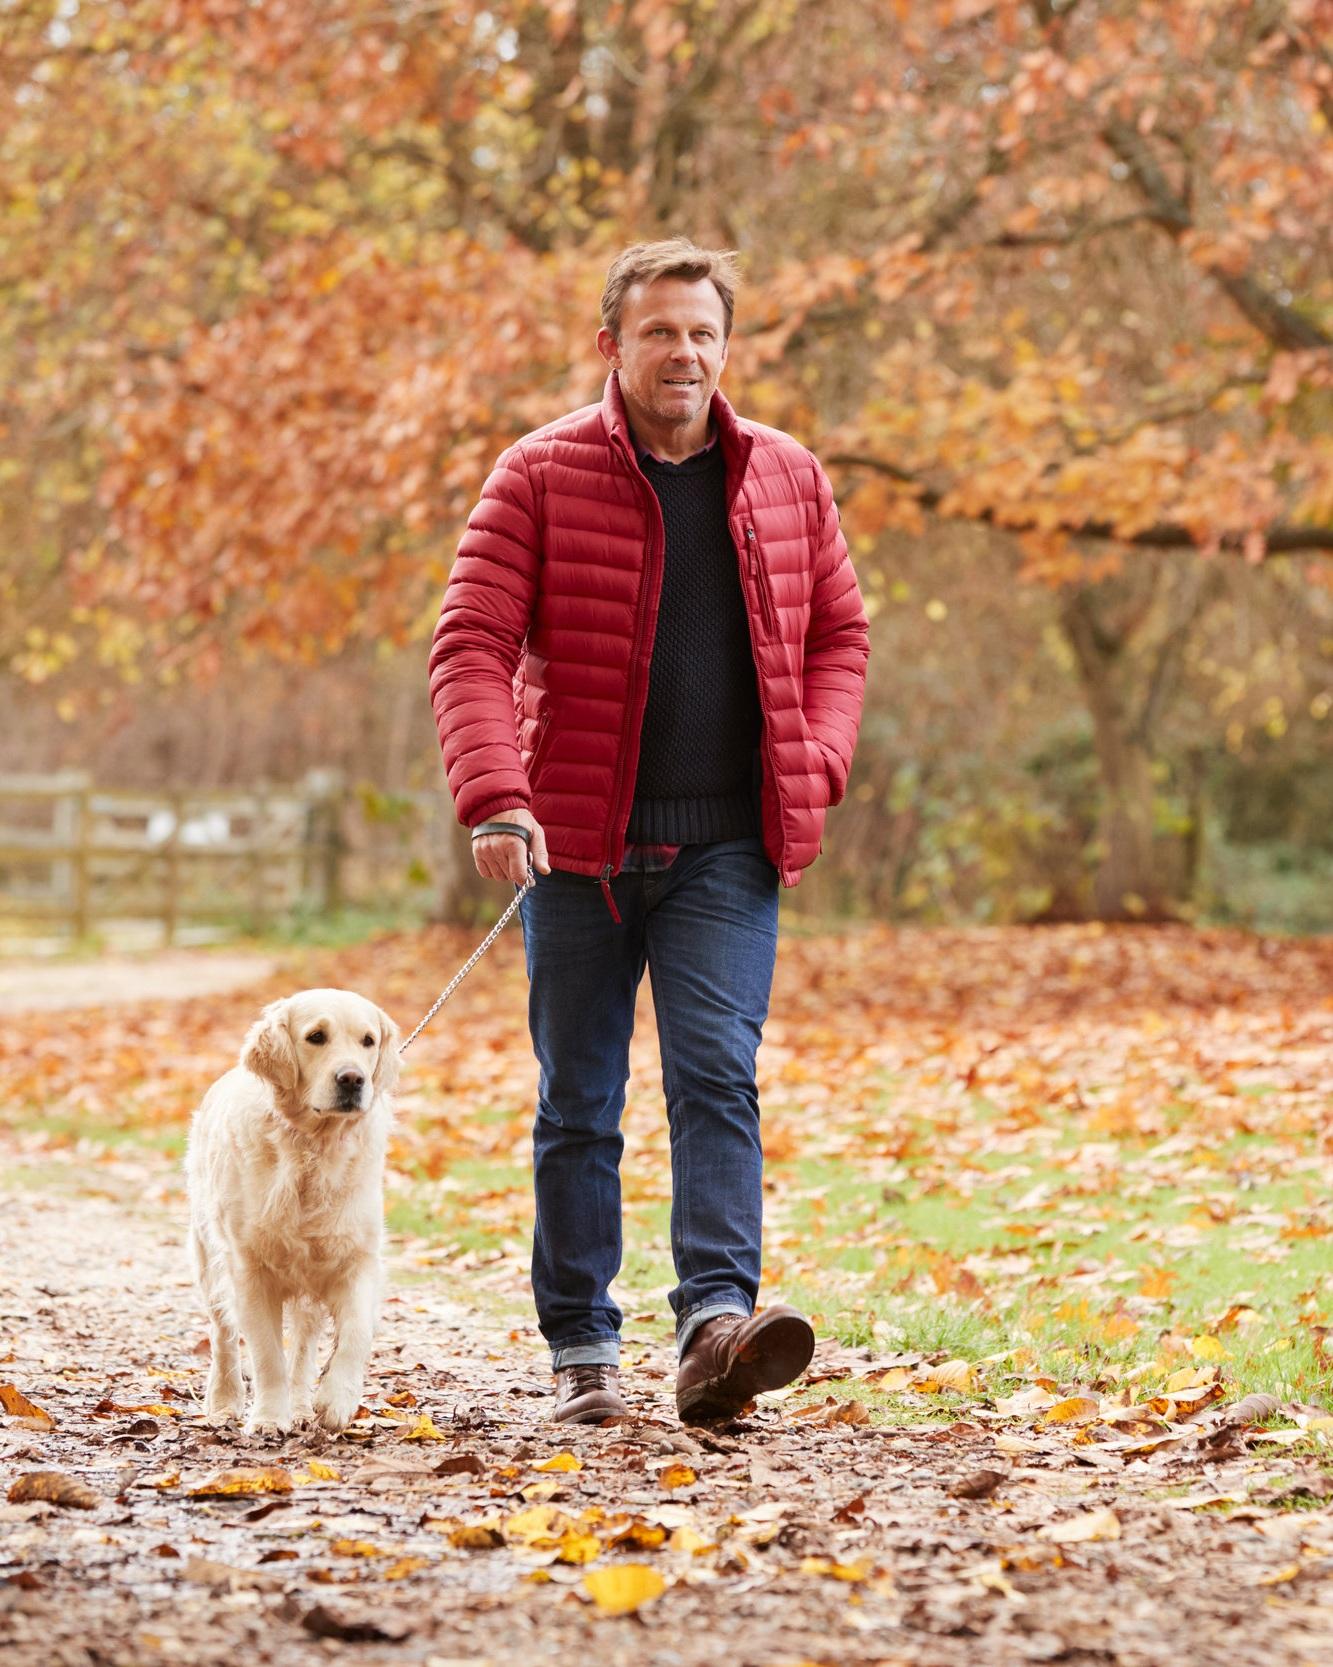 Man+walking+dog.jpg